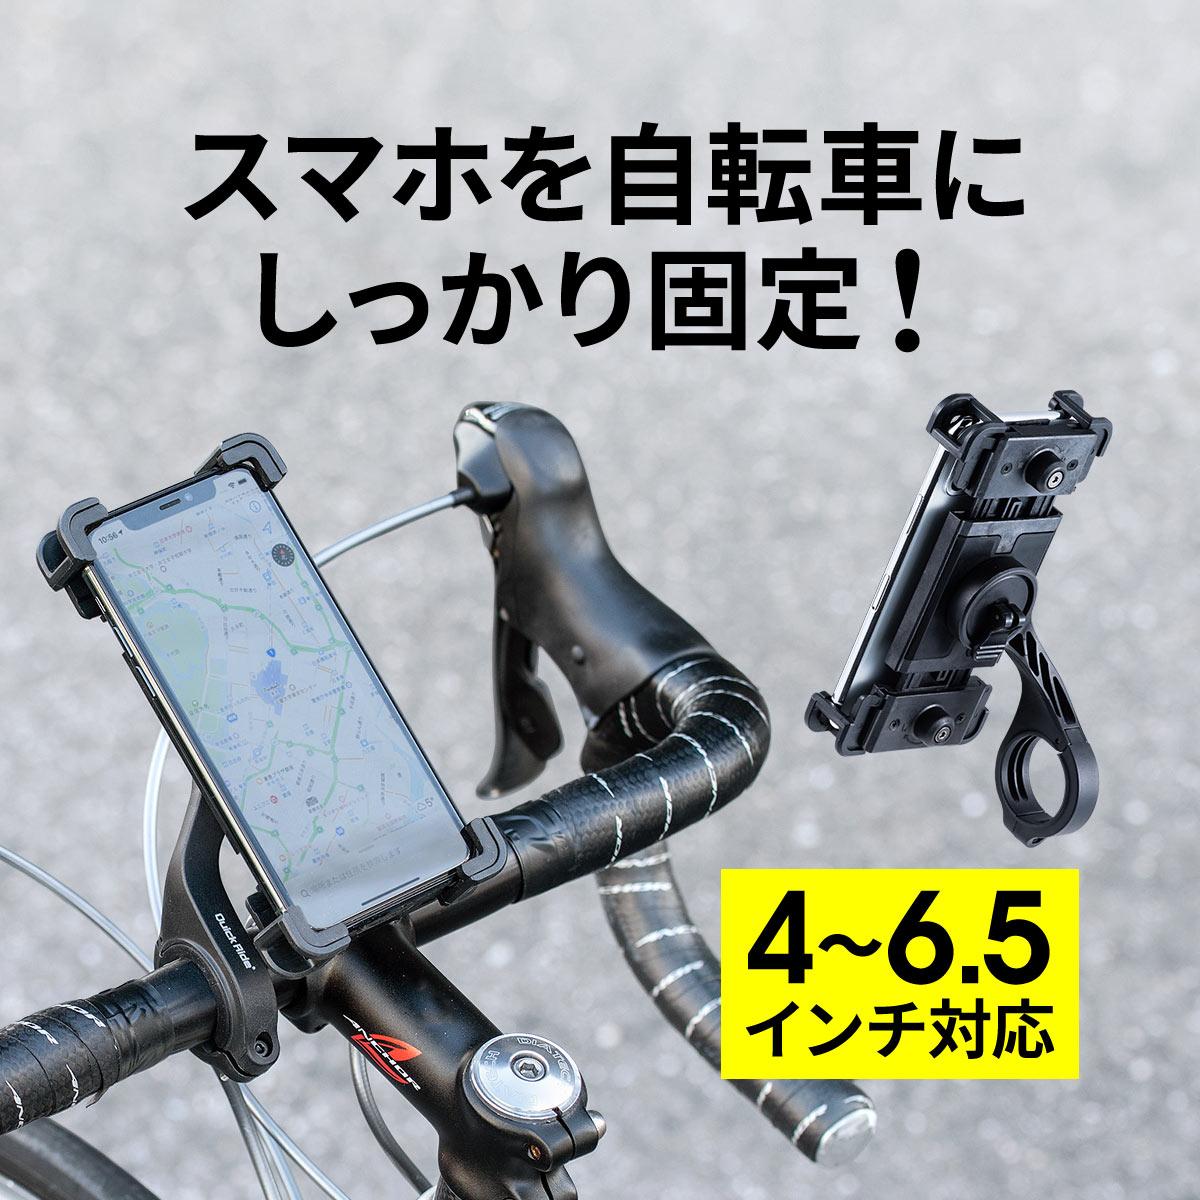 自転車用スマートフォンホルダー「800-BYHLD003」